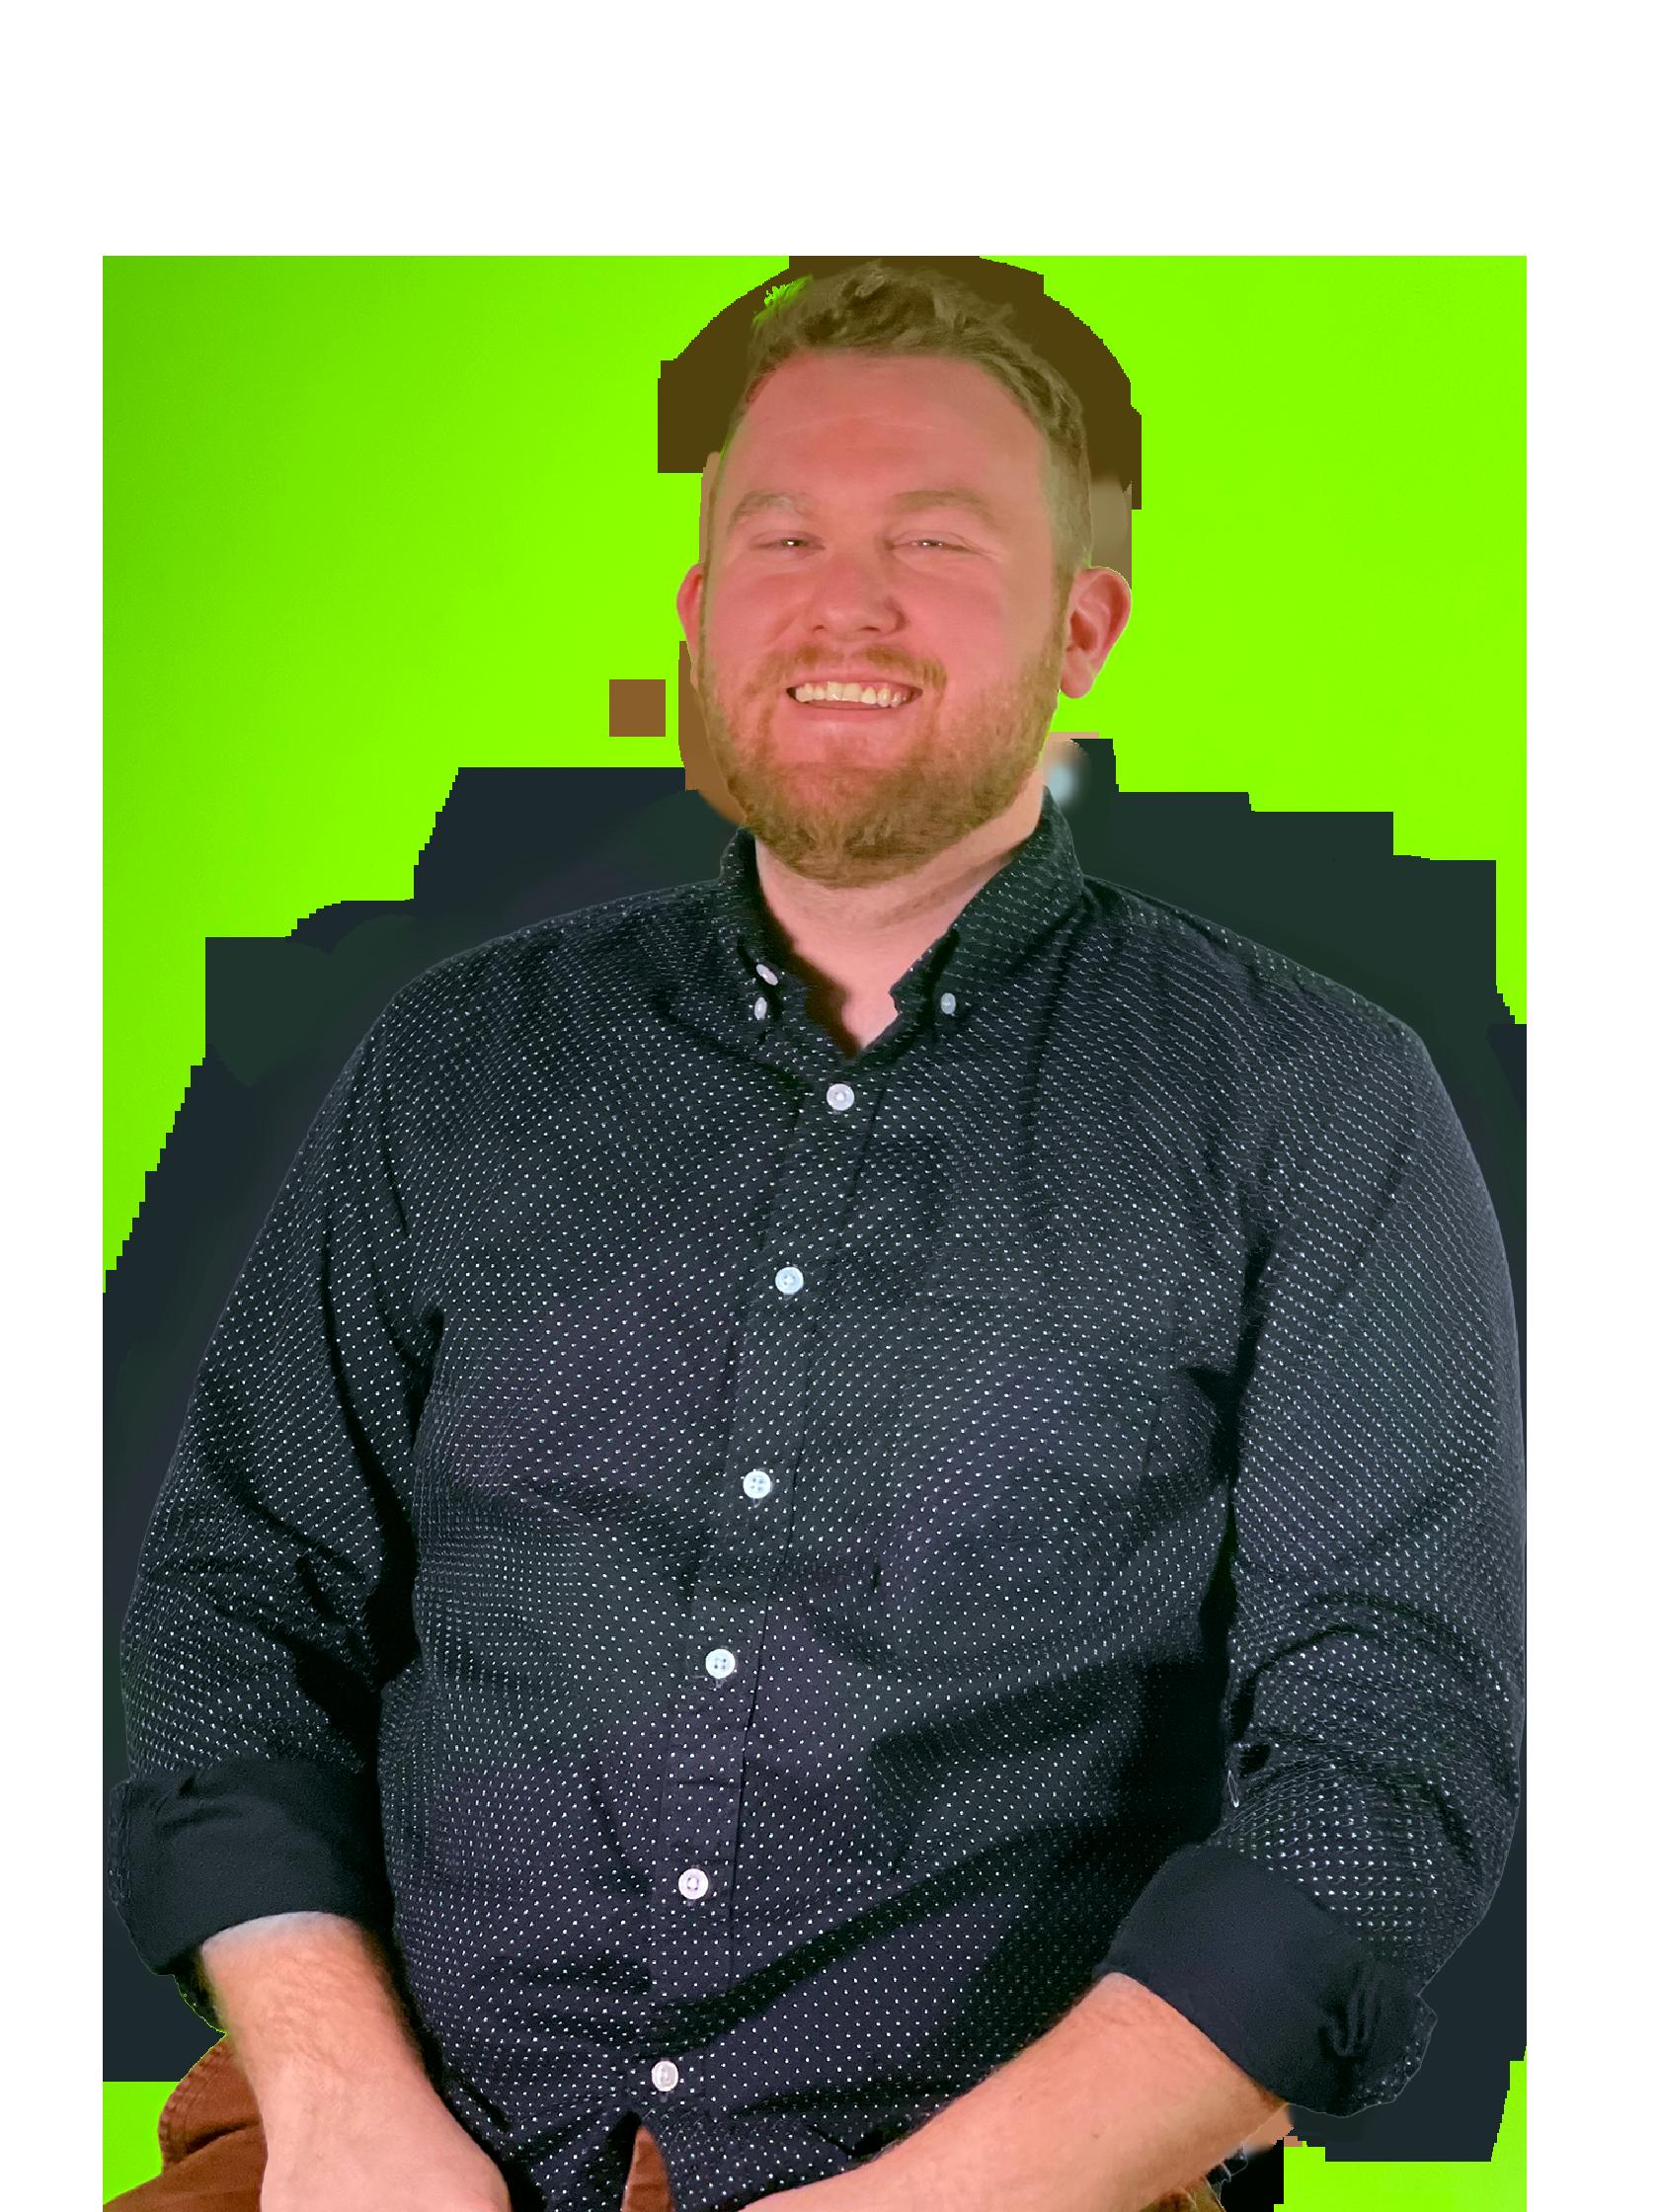 Market Vision Employee - Ryan